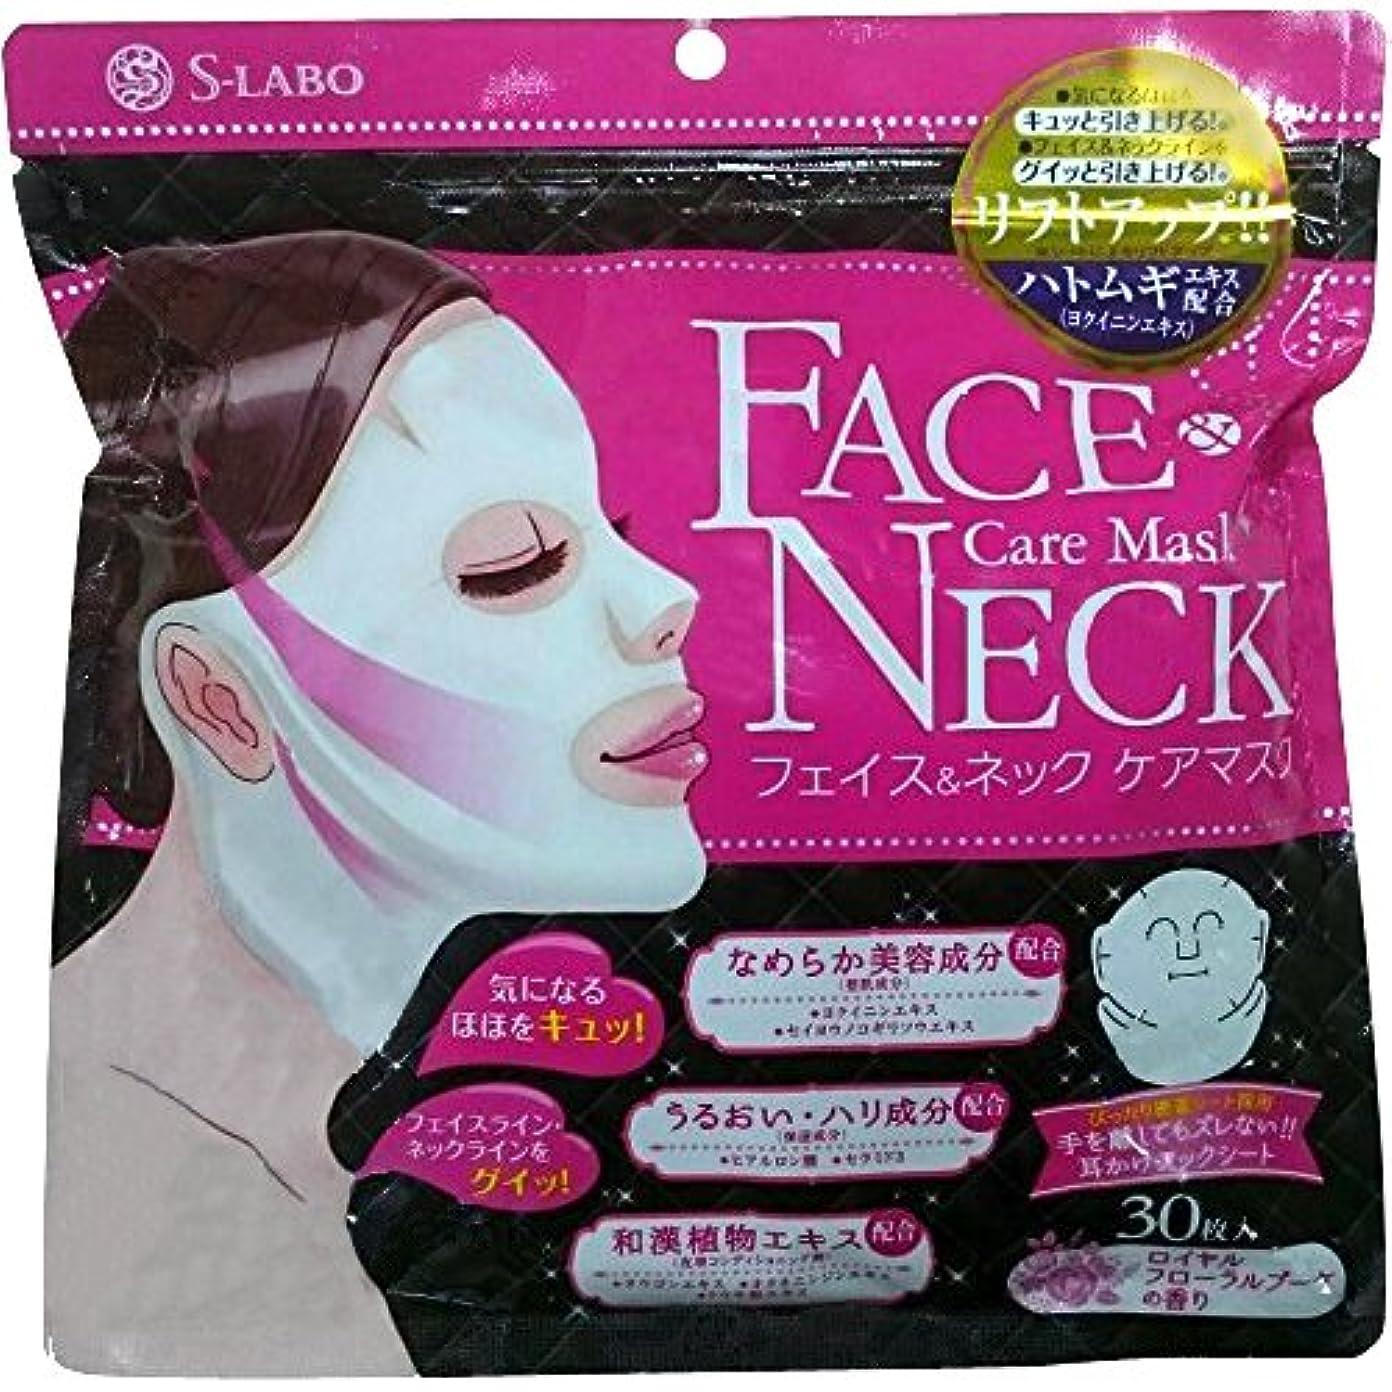 アパル囲まれた怠けたS-LABO フェイス & ネックケアマスク (30枚入)